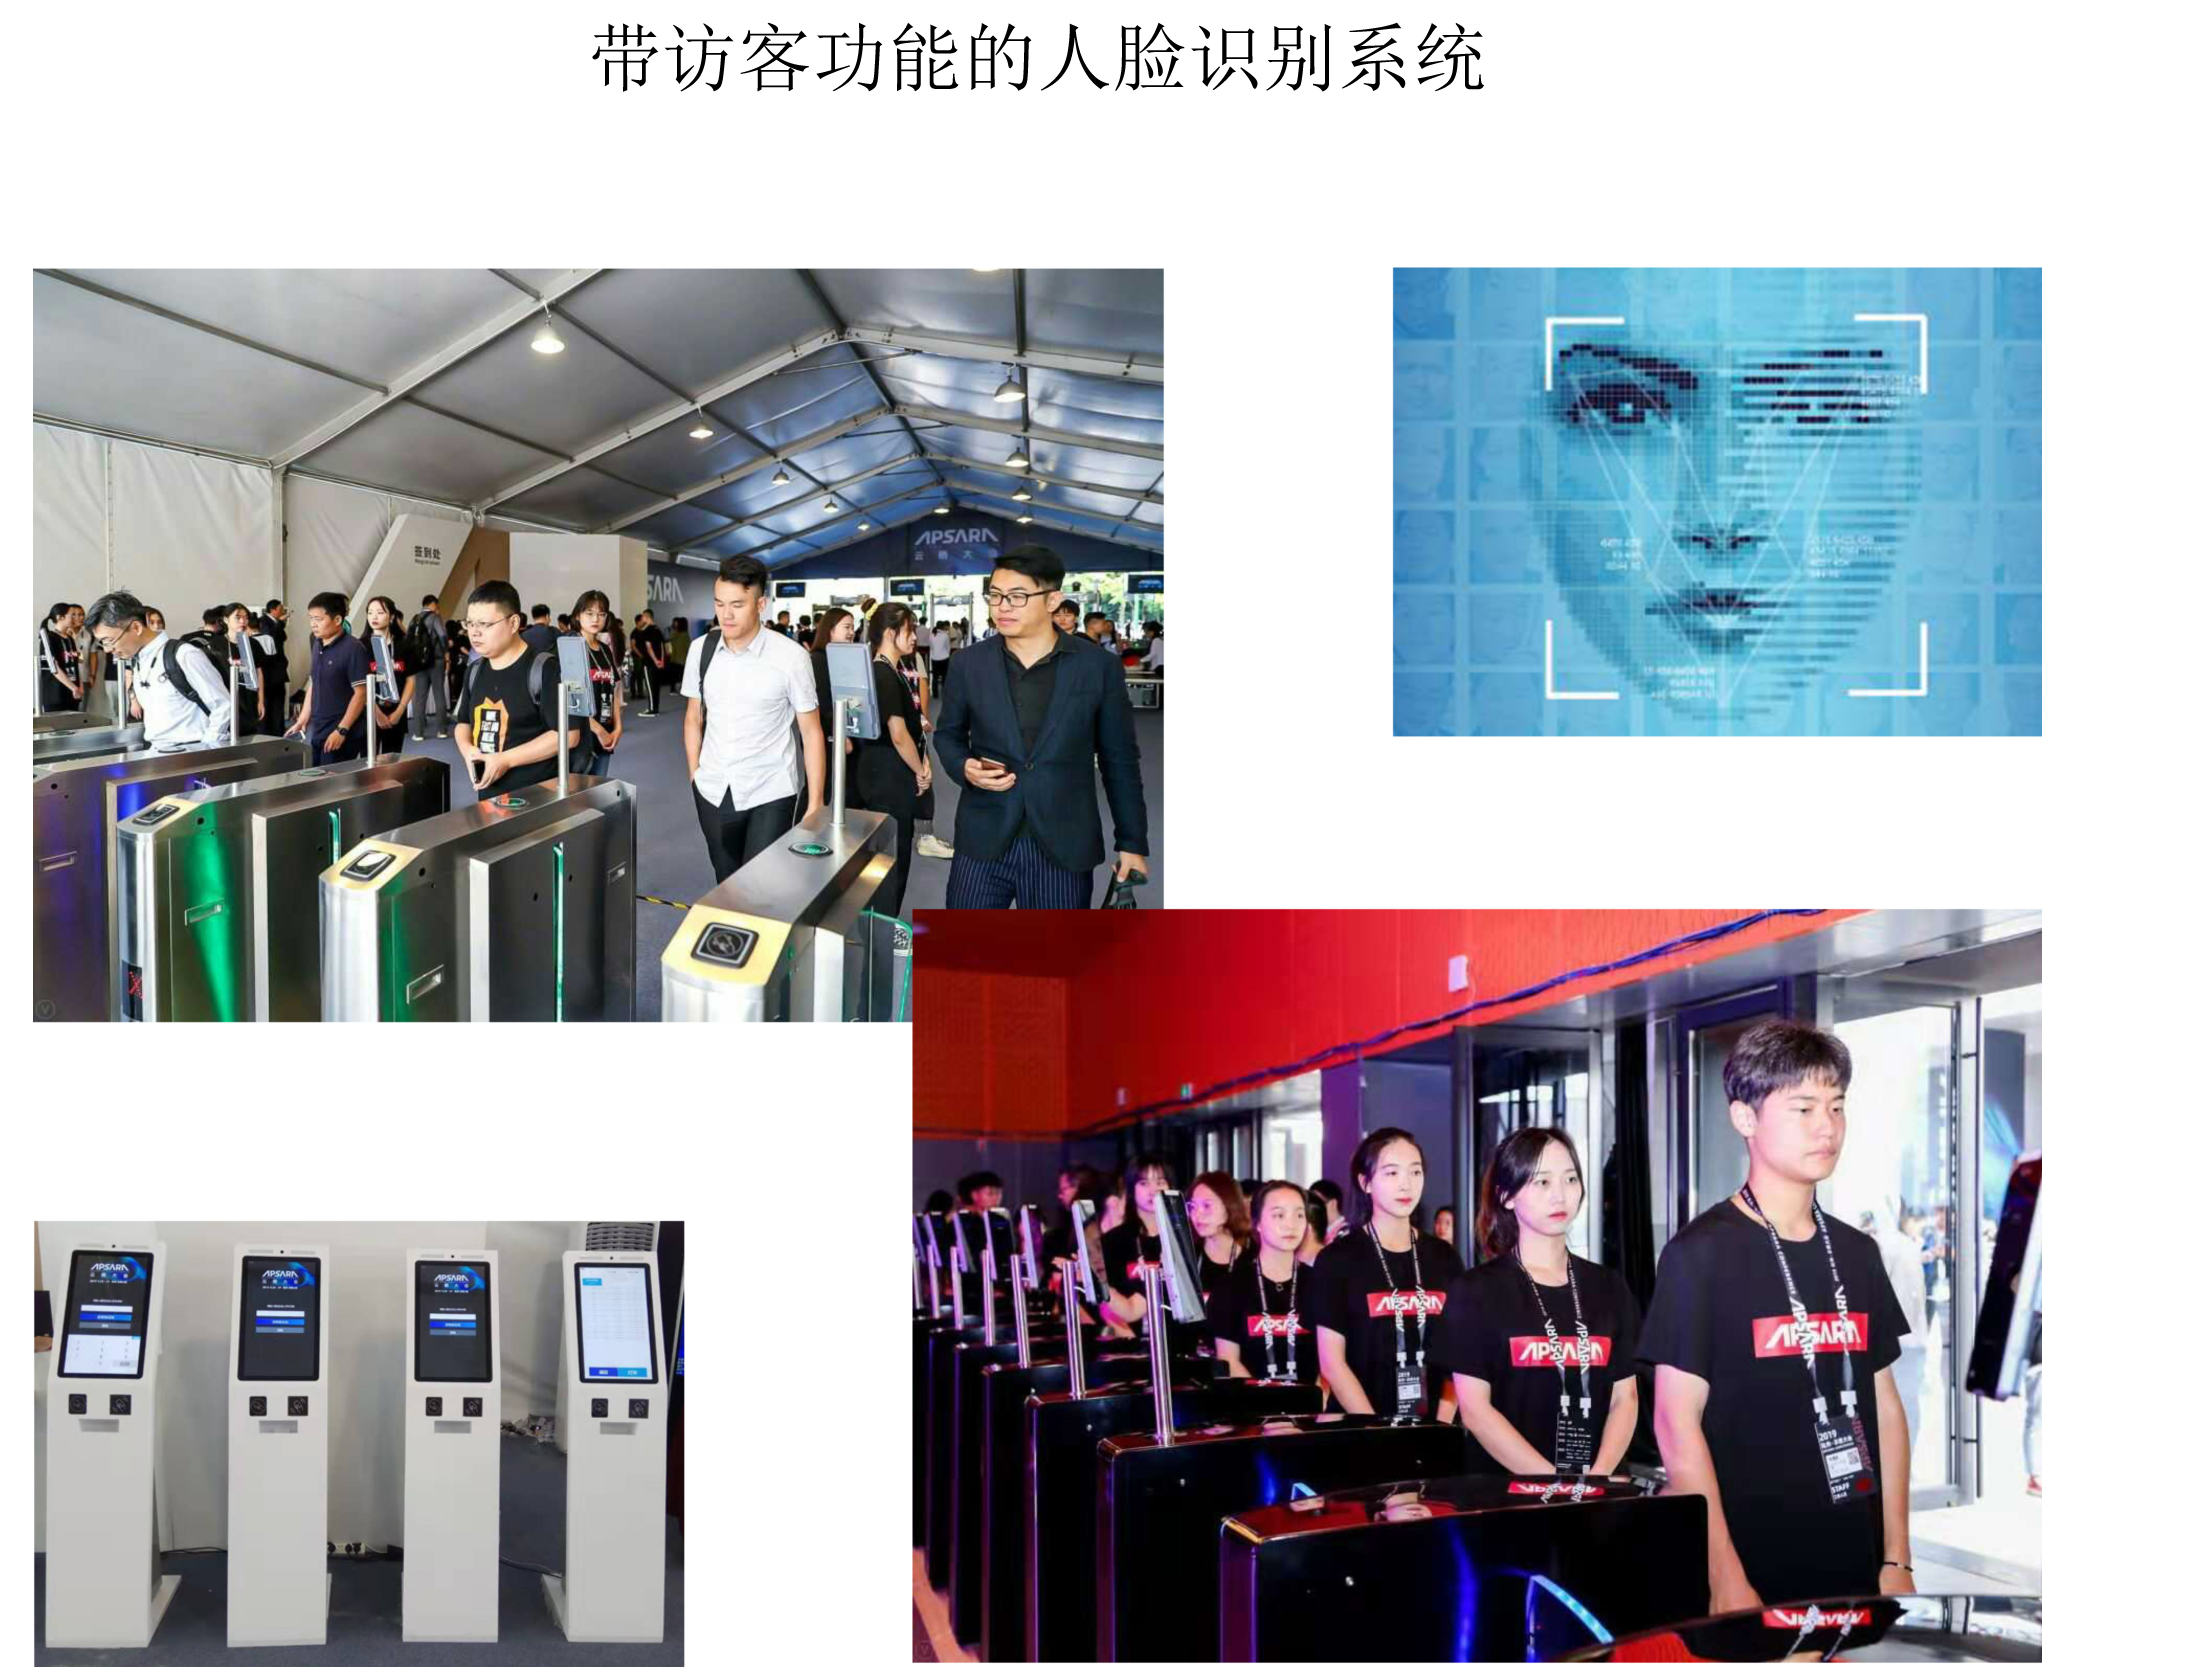 带访客功能的人脸识别系统-1